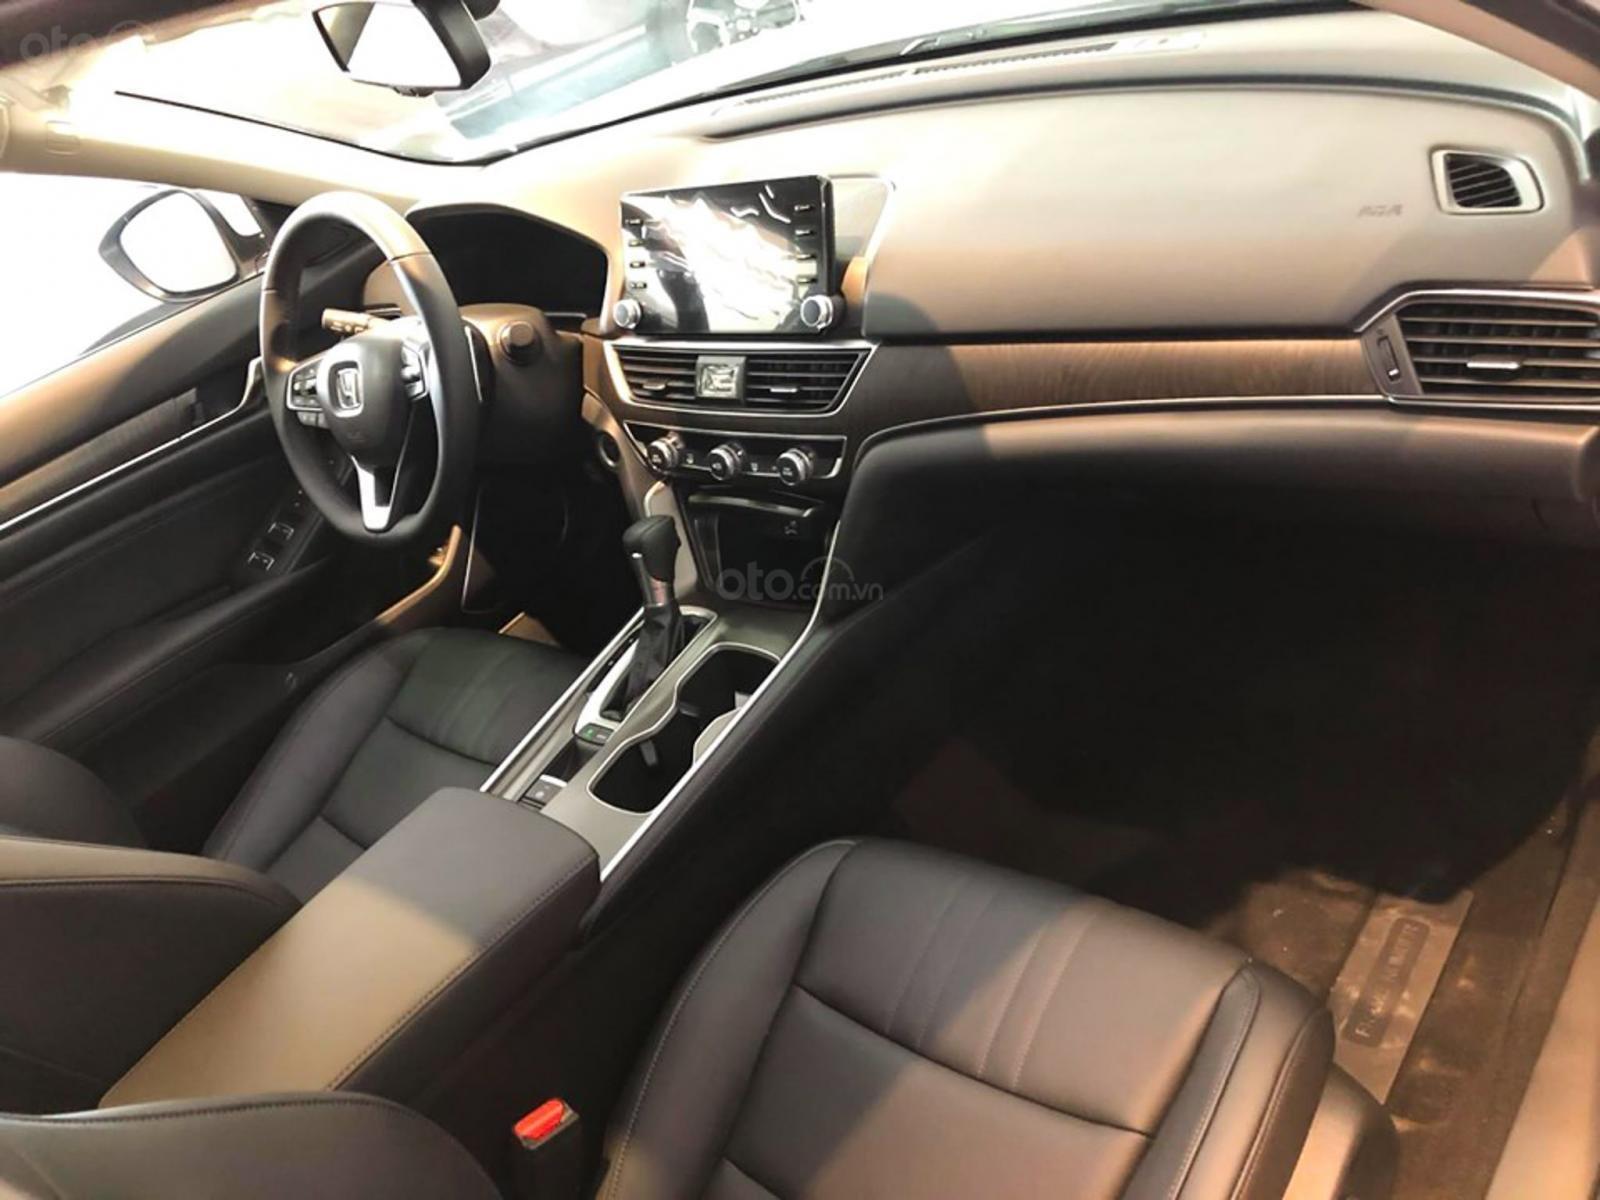 Honda Accord 2019 1.5 Turbo nhập nguyên chiếc-giao ngay (14)